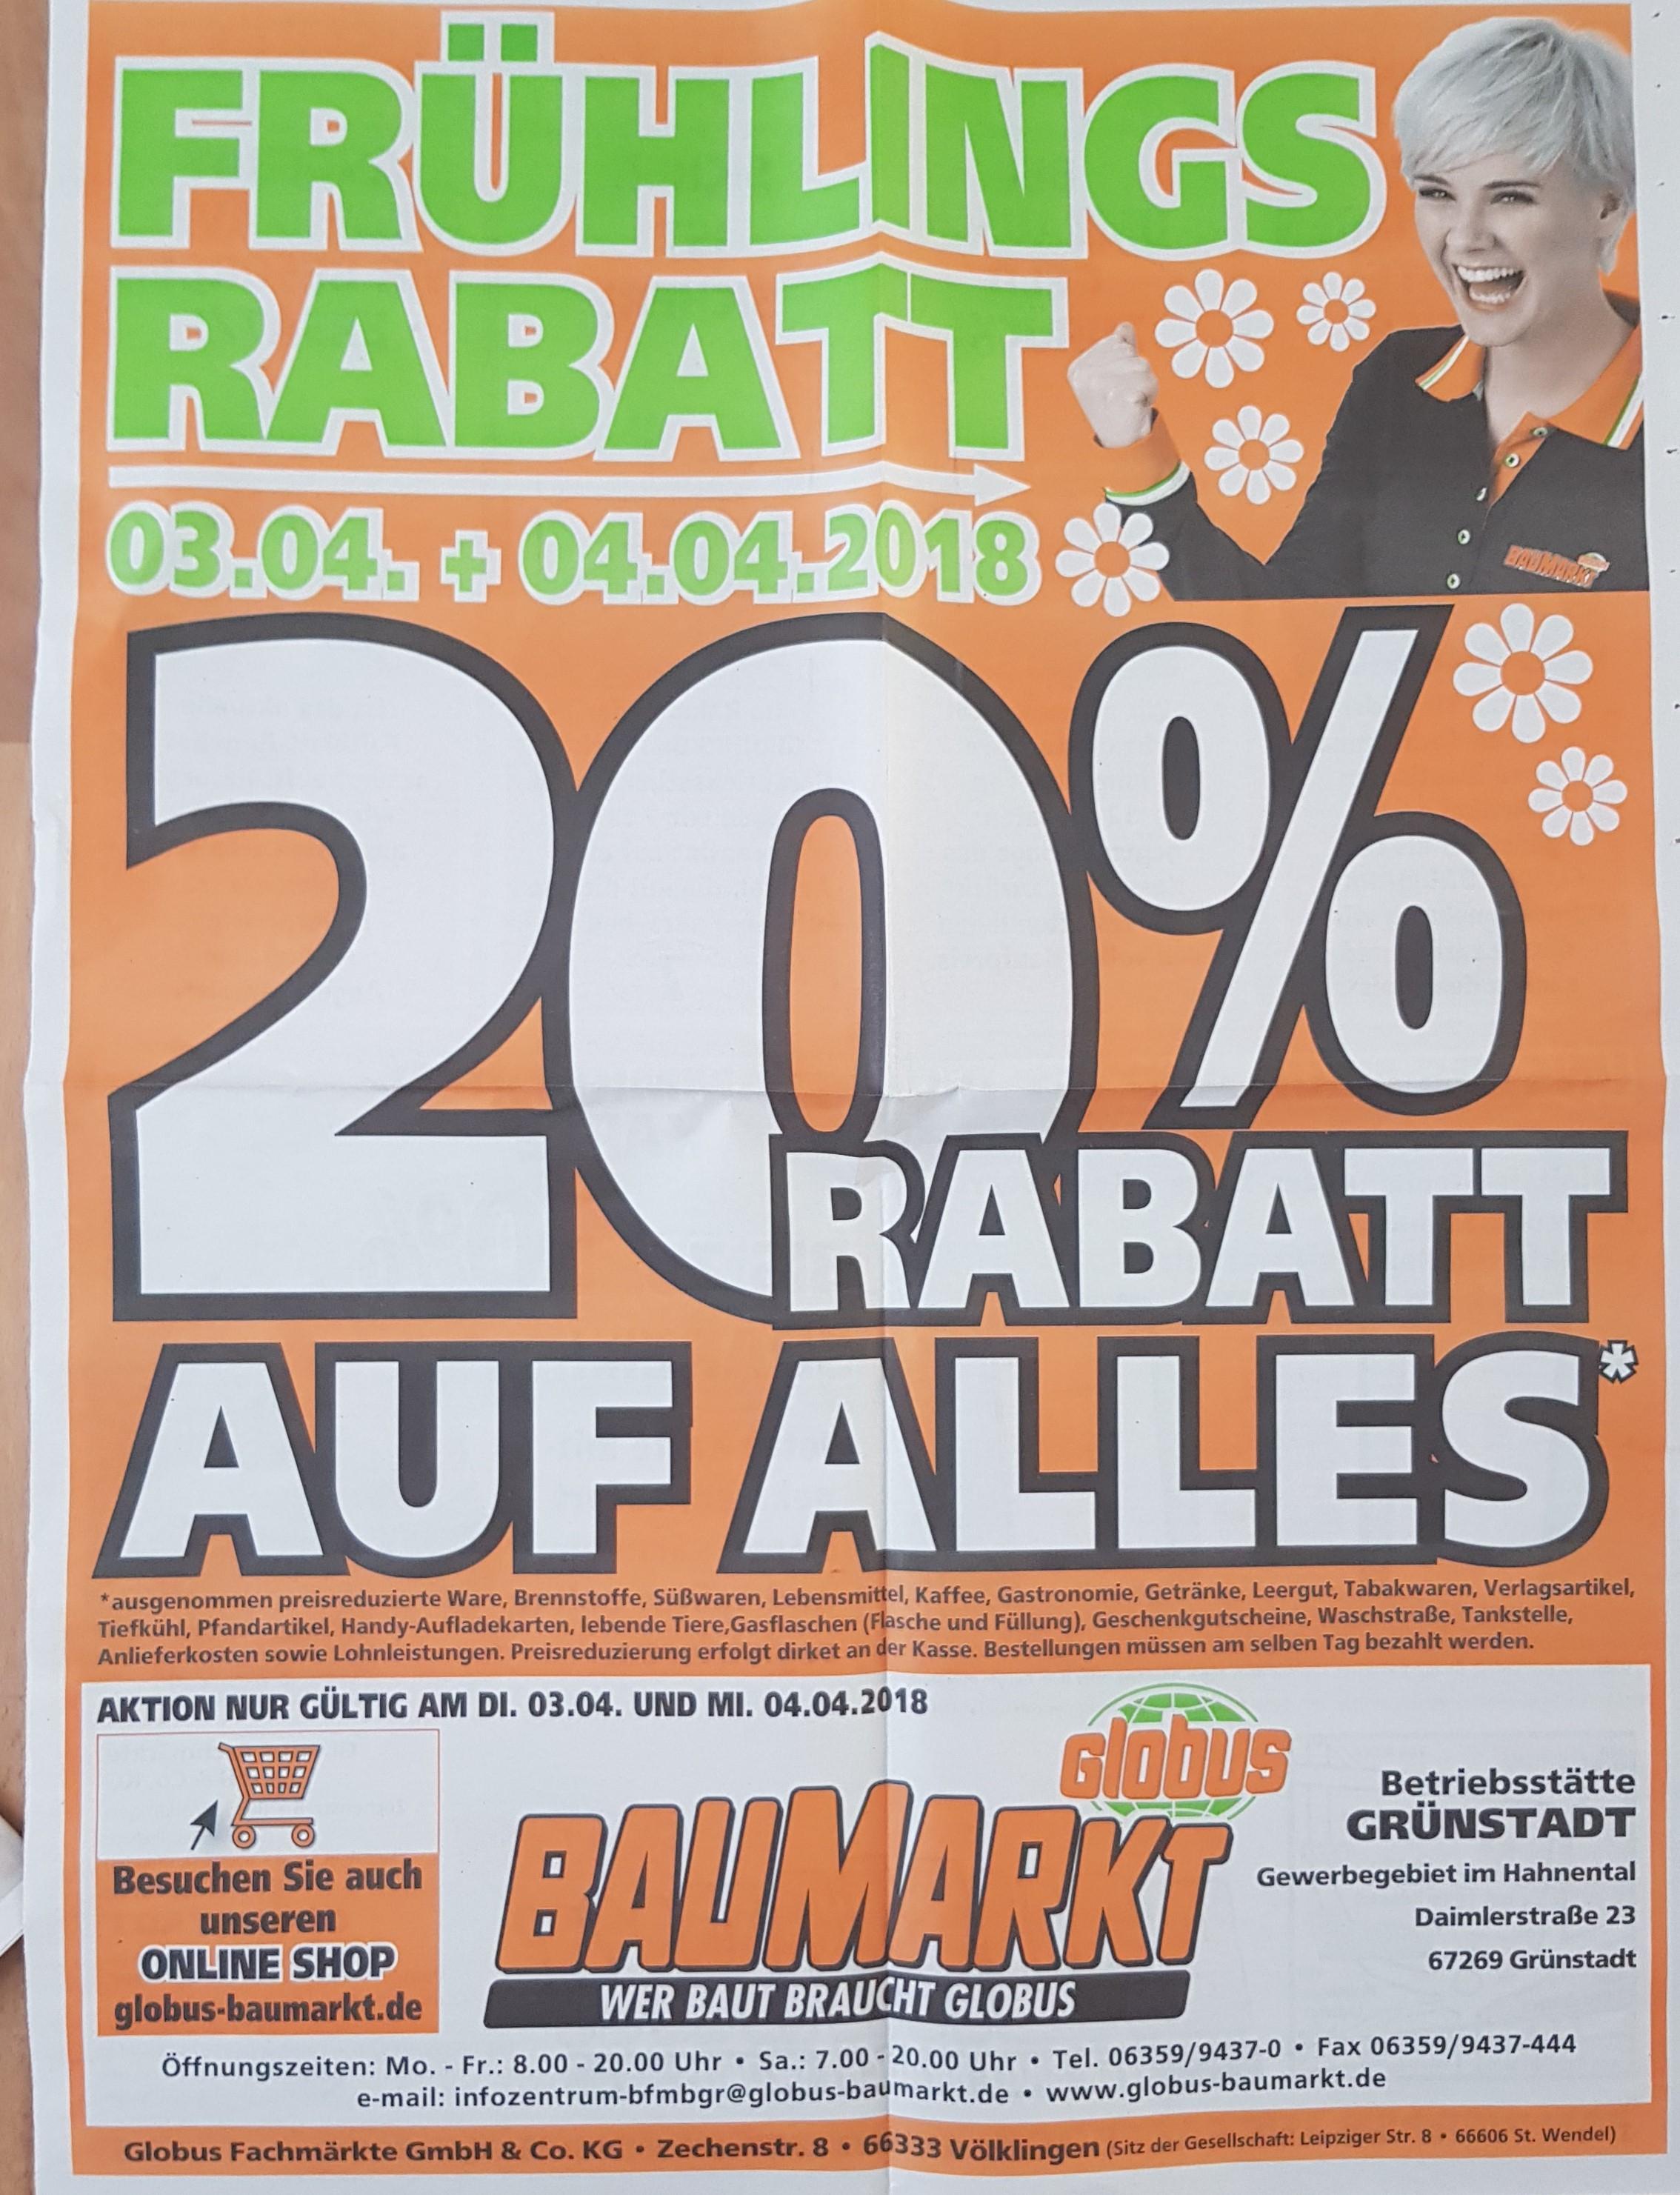 [offline] Globus Baumarkt 20% Rabatt am 03.04 und 04.04